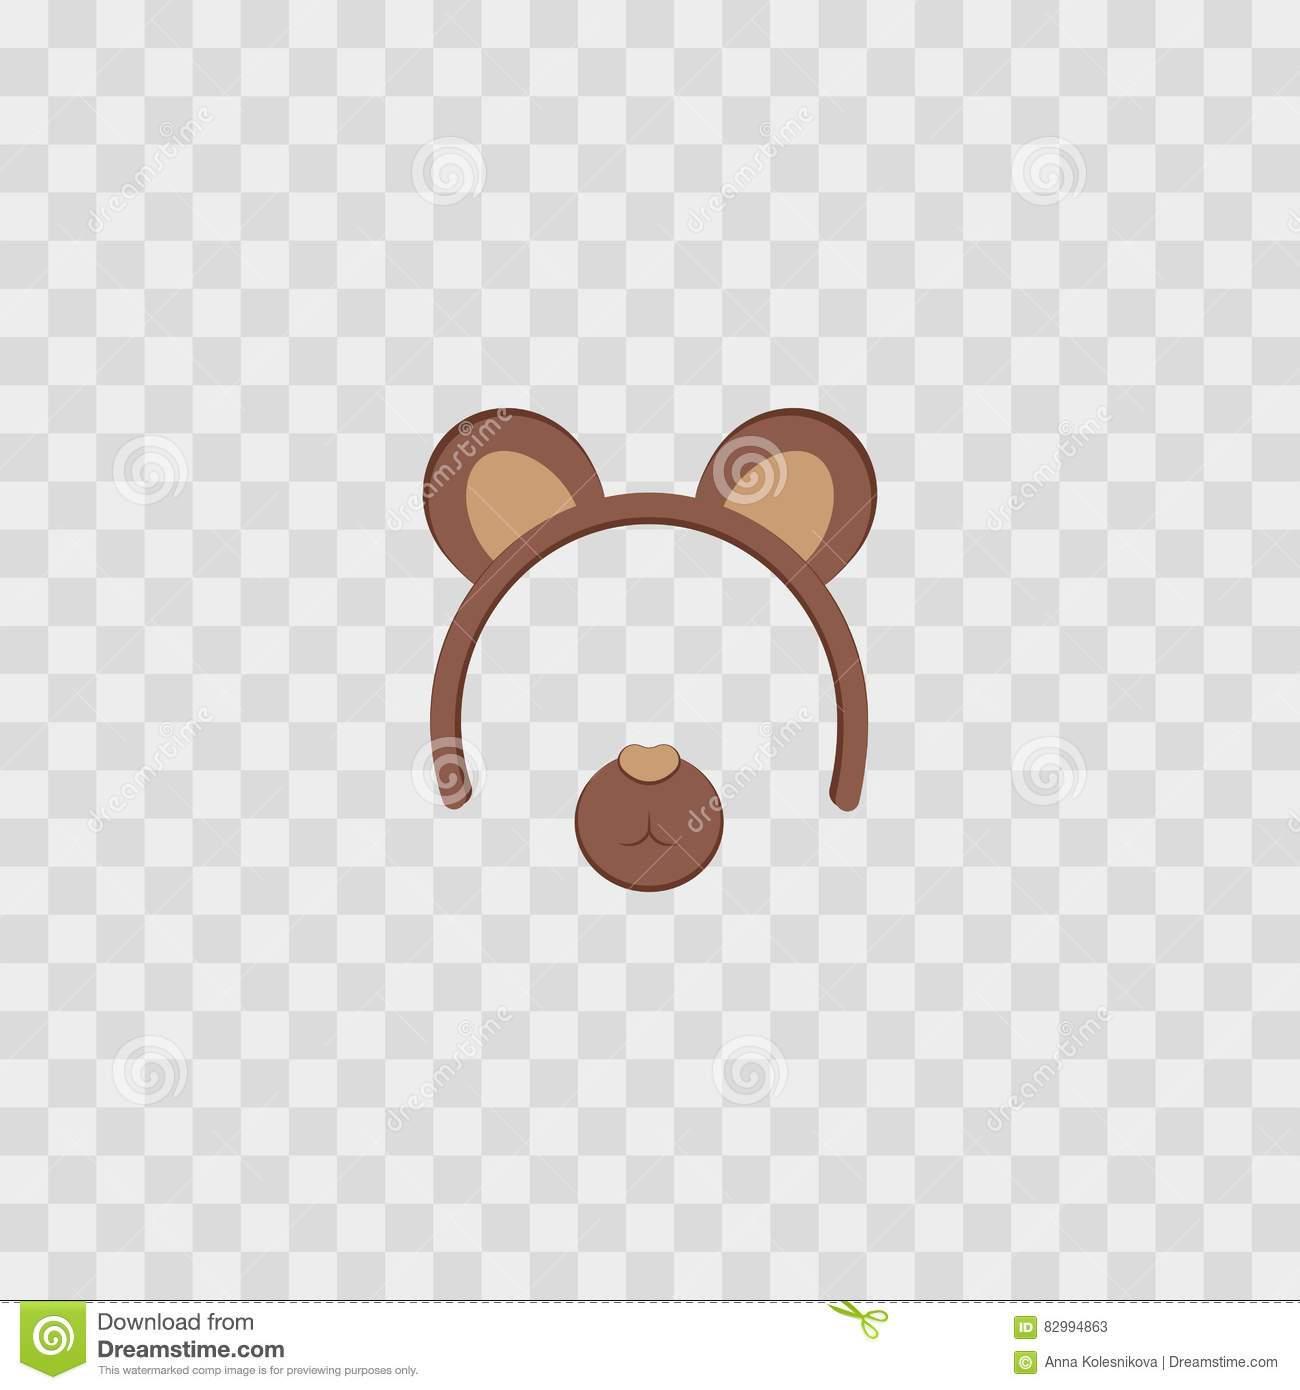 Bear ears clipart 5 » Clipart Portal.